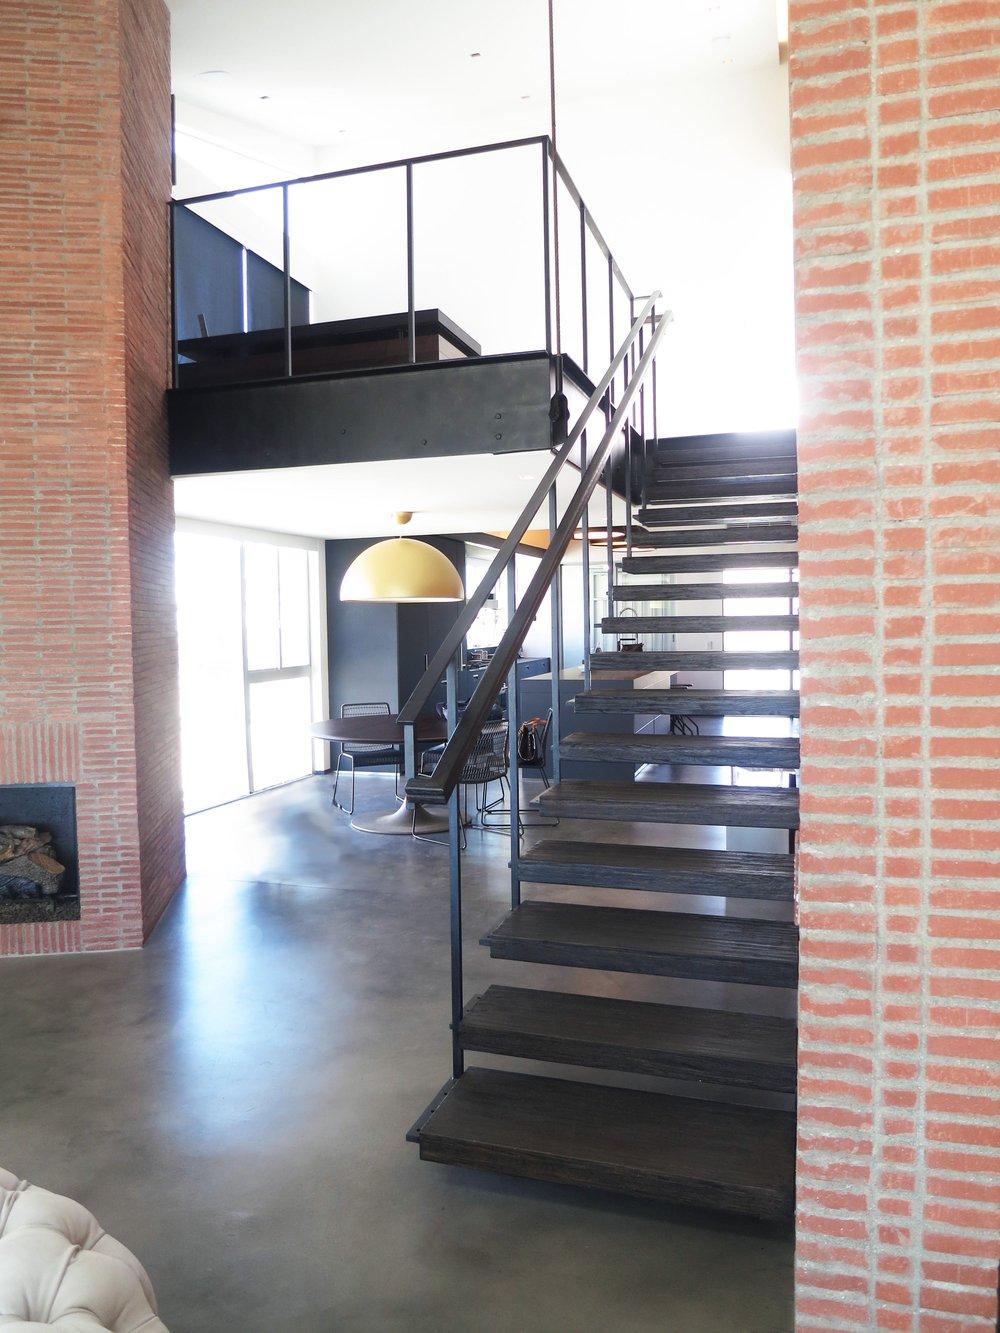 03-stairs1.jpg